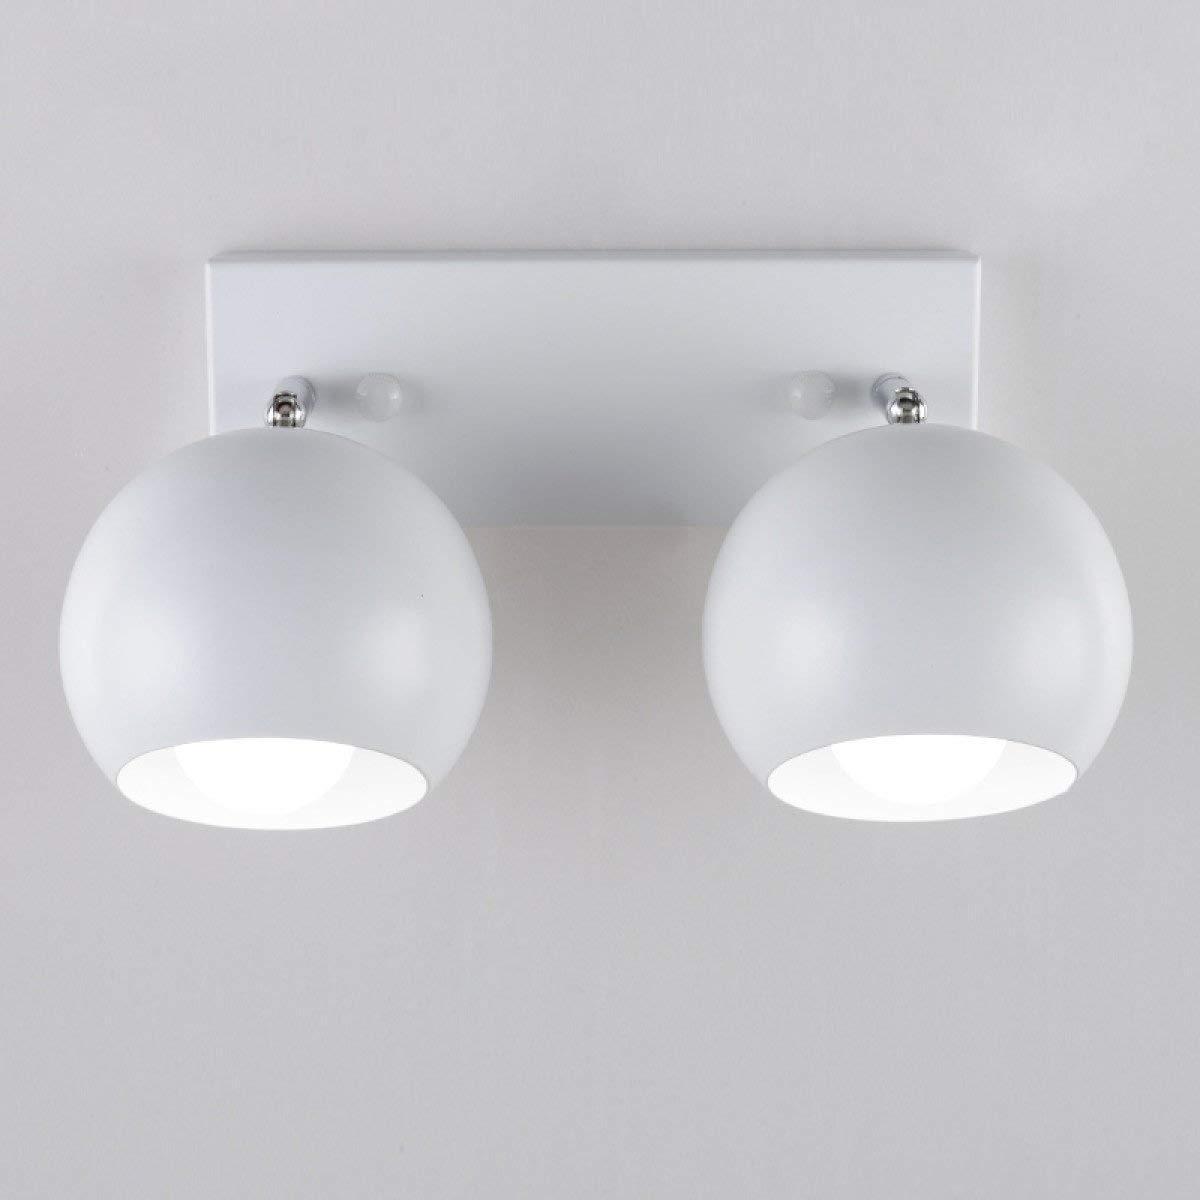 TJTJ ヨーロッパ式の壁ランプのバルコニーの居間の寝室の調節可能な人格の壁ランプ (Color : B) B07SDMWWC8 B